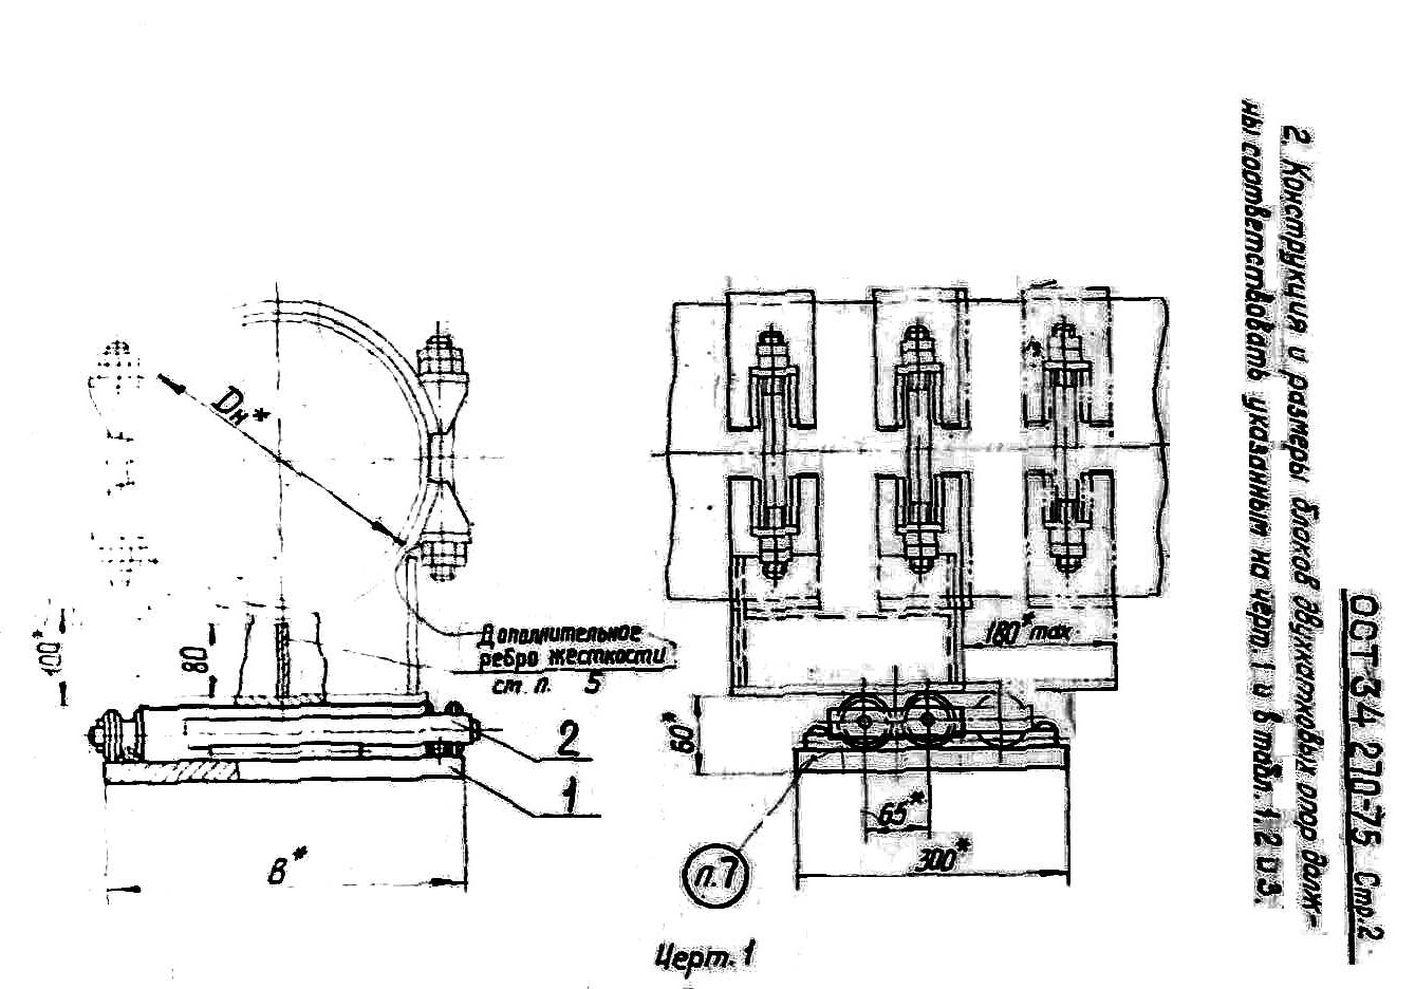 Блоки двухкатковых опор ОСТ 34 270-75 стр.2